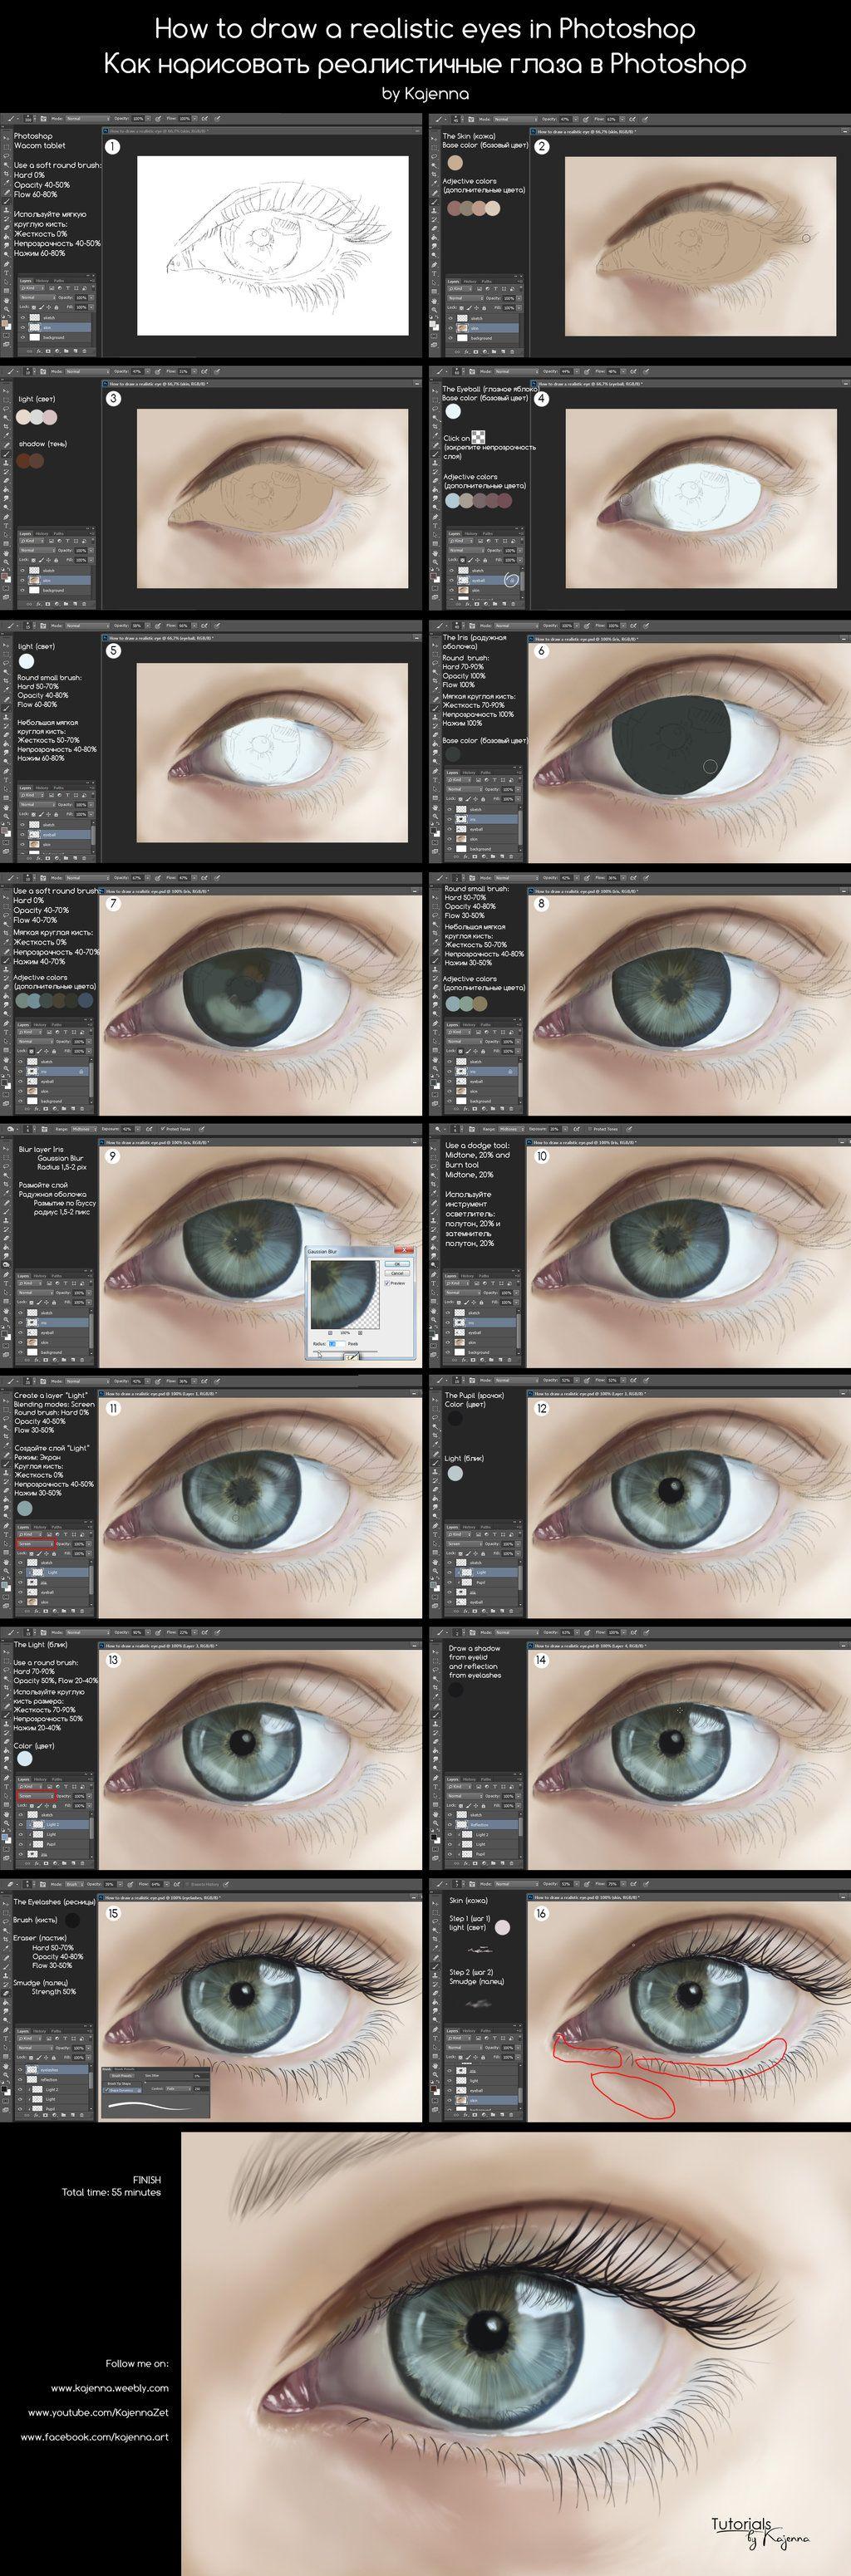 Как сделать картинку серой в фотошопе